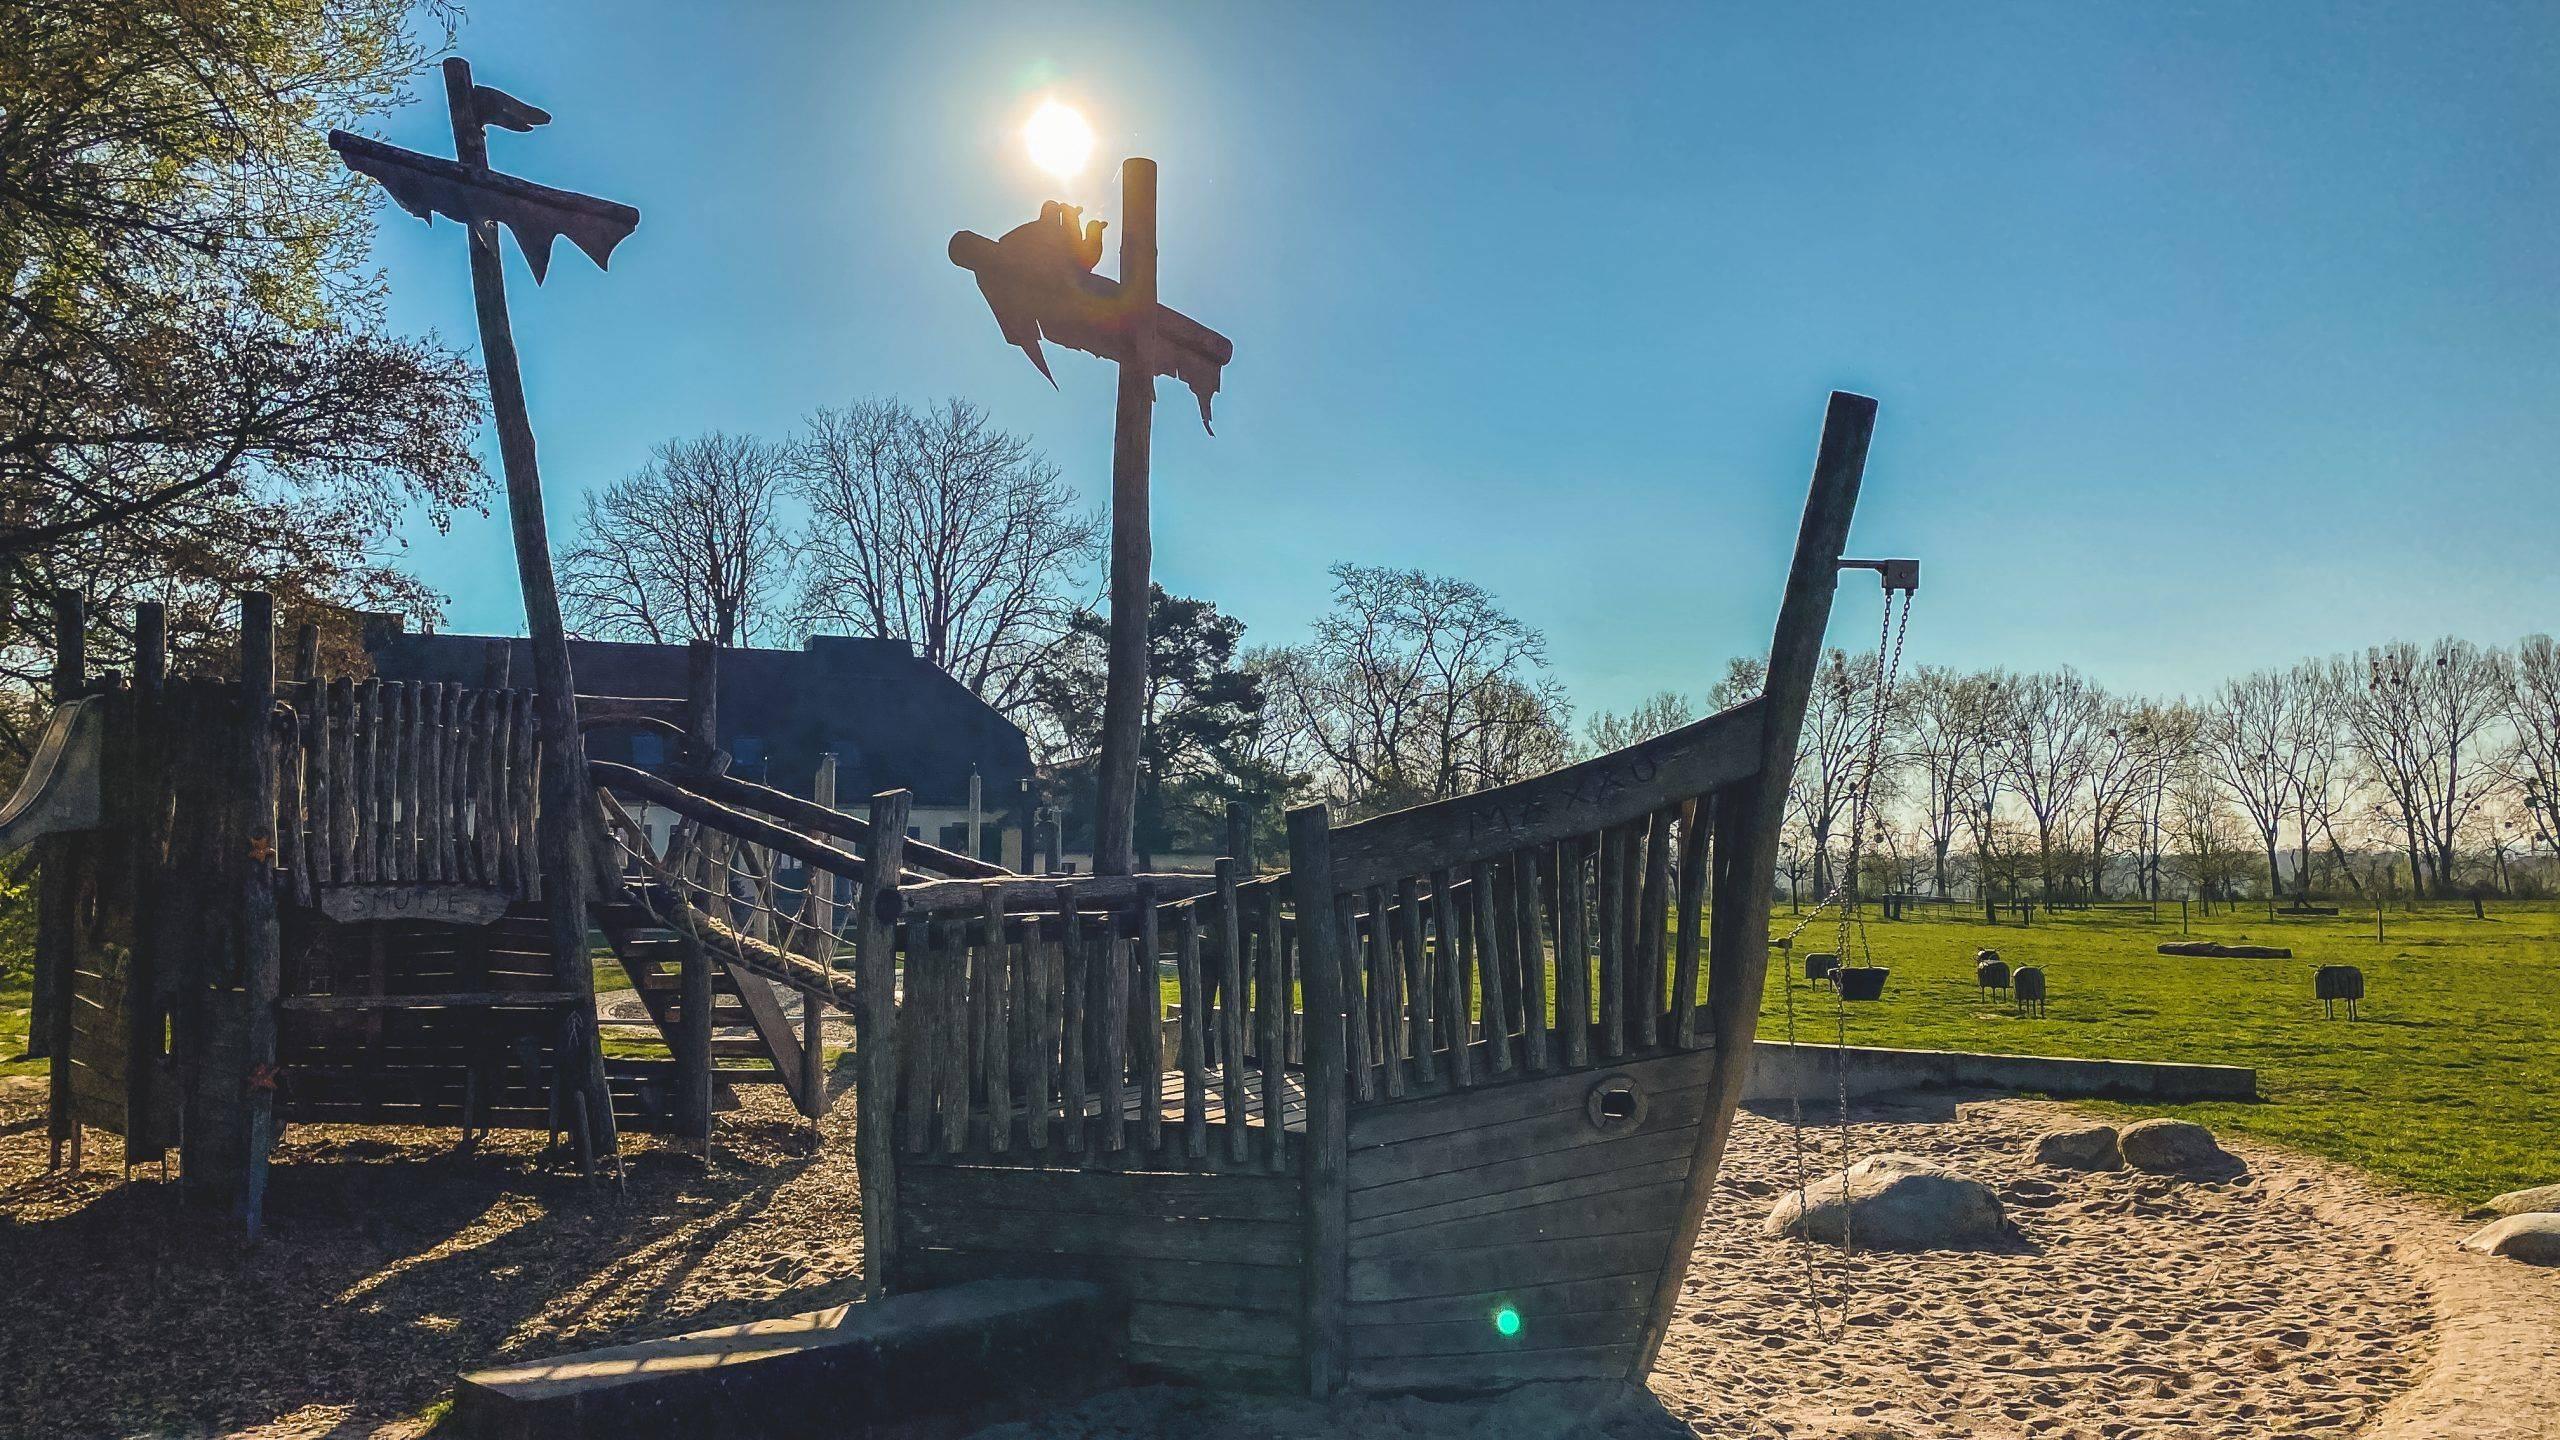 Ausflugstipp: Abenteuerspielplatz am Hofgut Maxau. Spielen, spazieren und picknicken an den Karlsruher Rheinauen